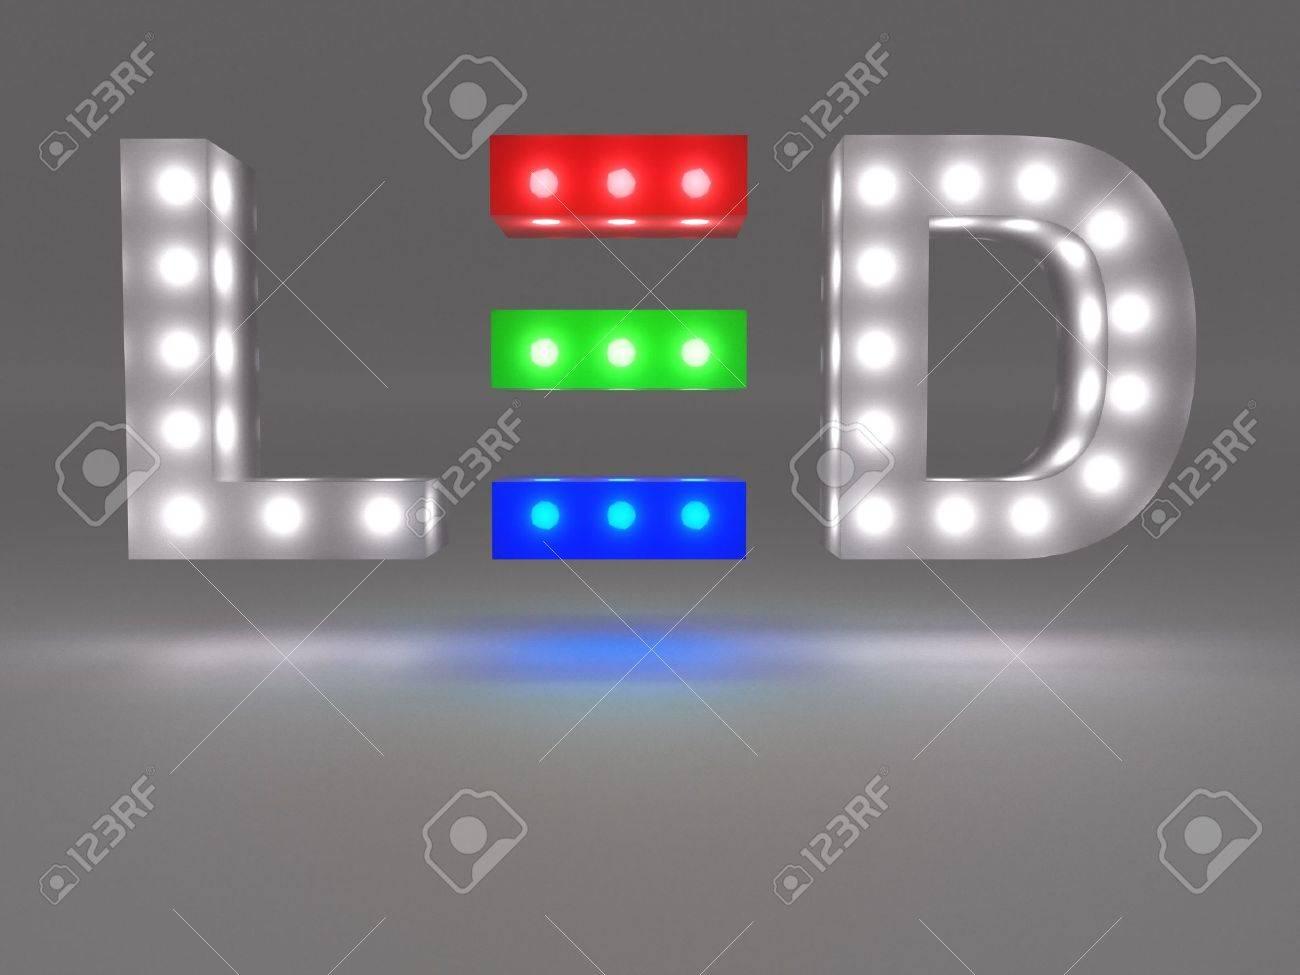 LED technology sign Stock Photo - 21258814